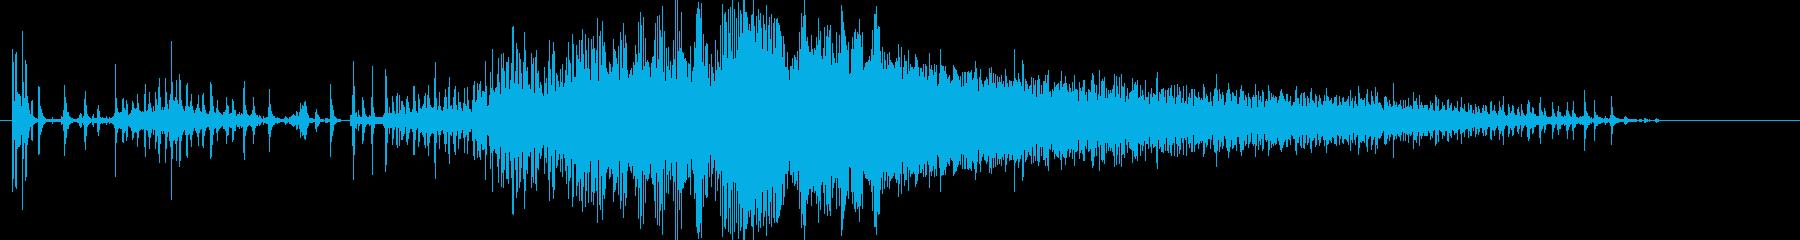 自動車;開始/アイドル/オフ。 E...の再生済みの波形